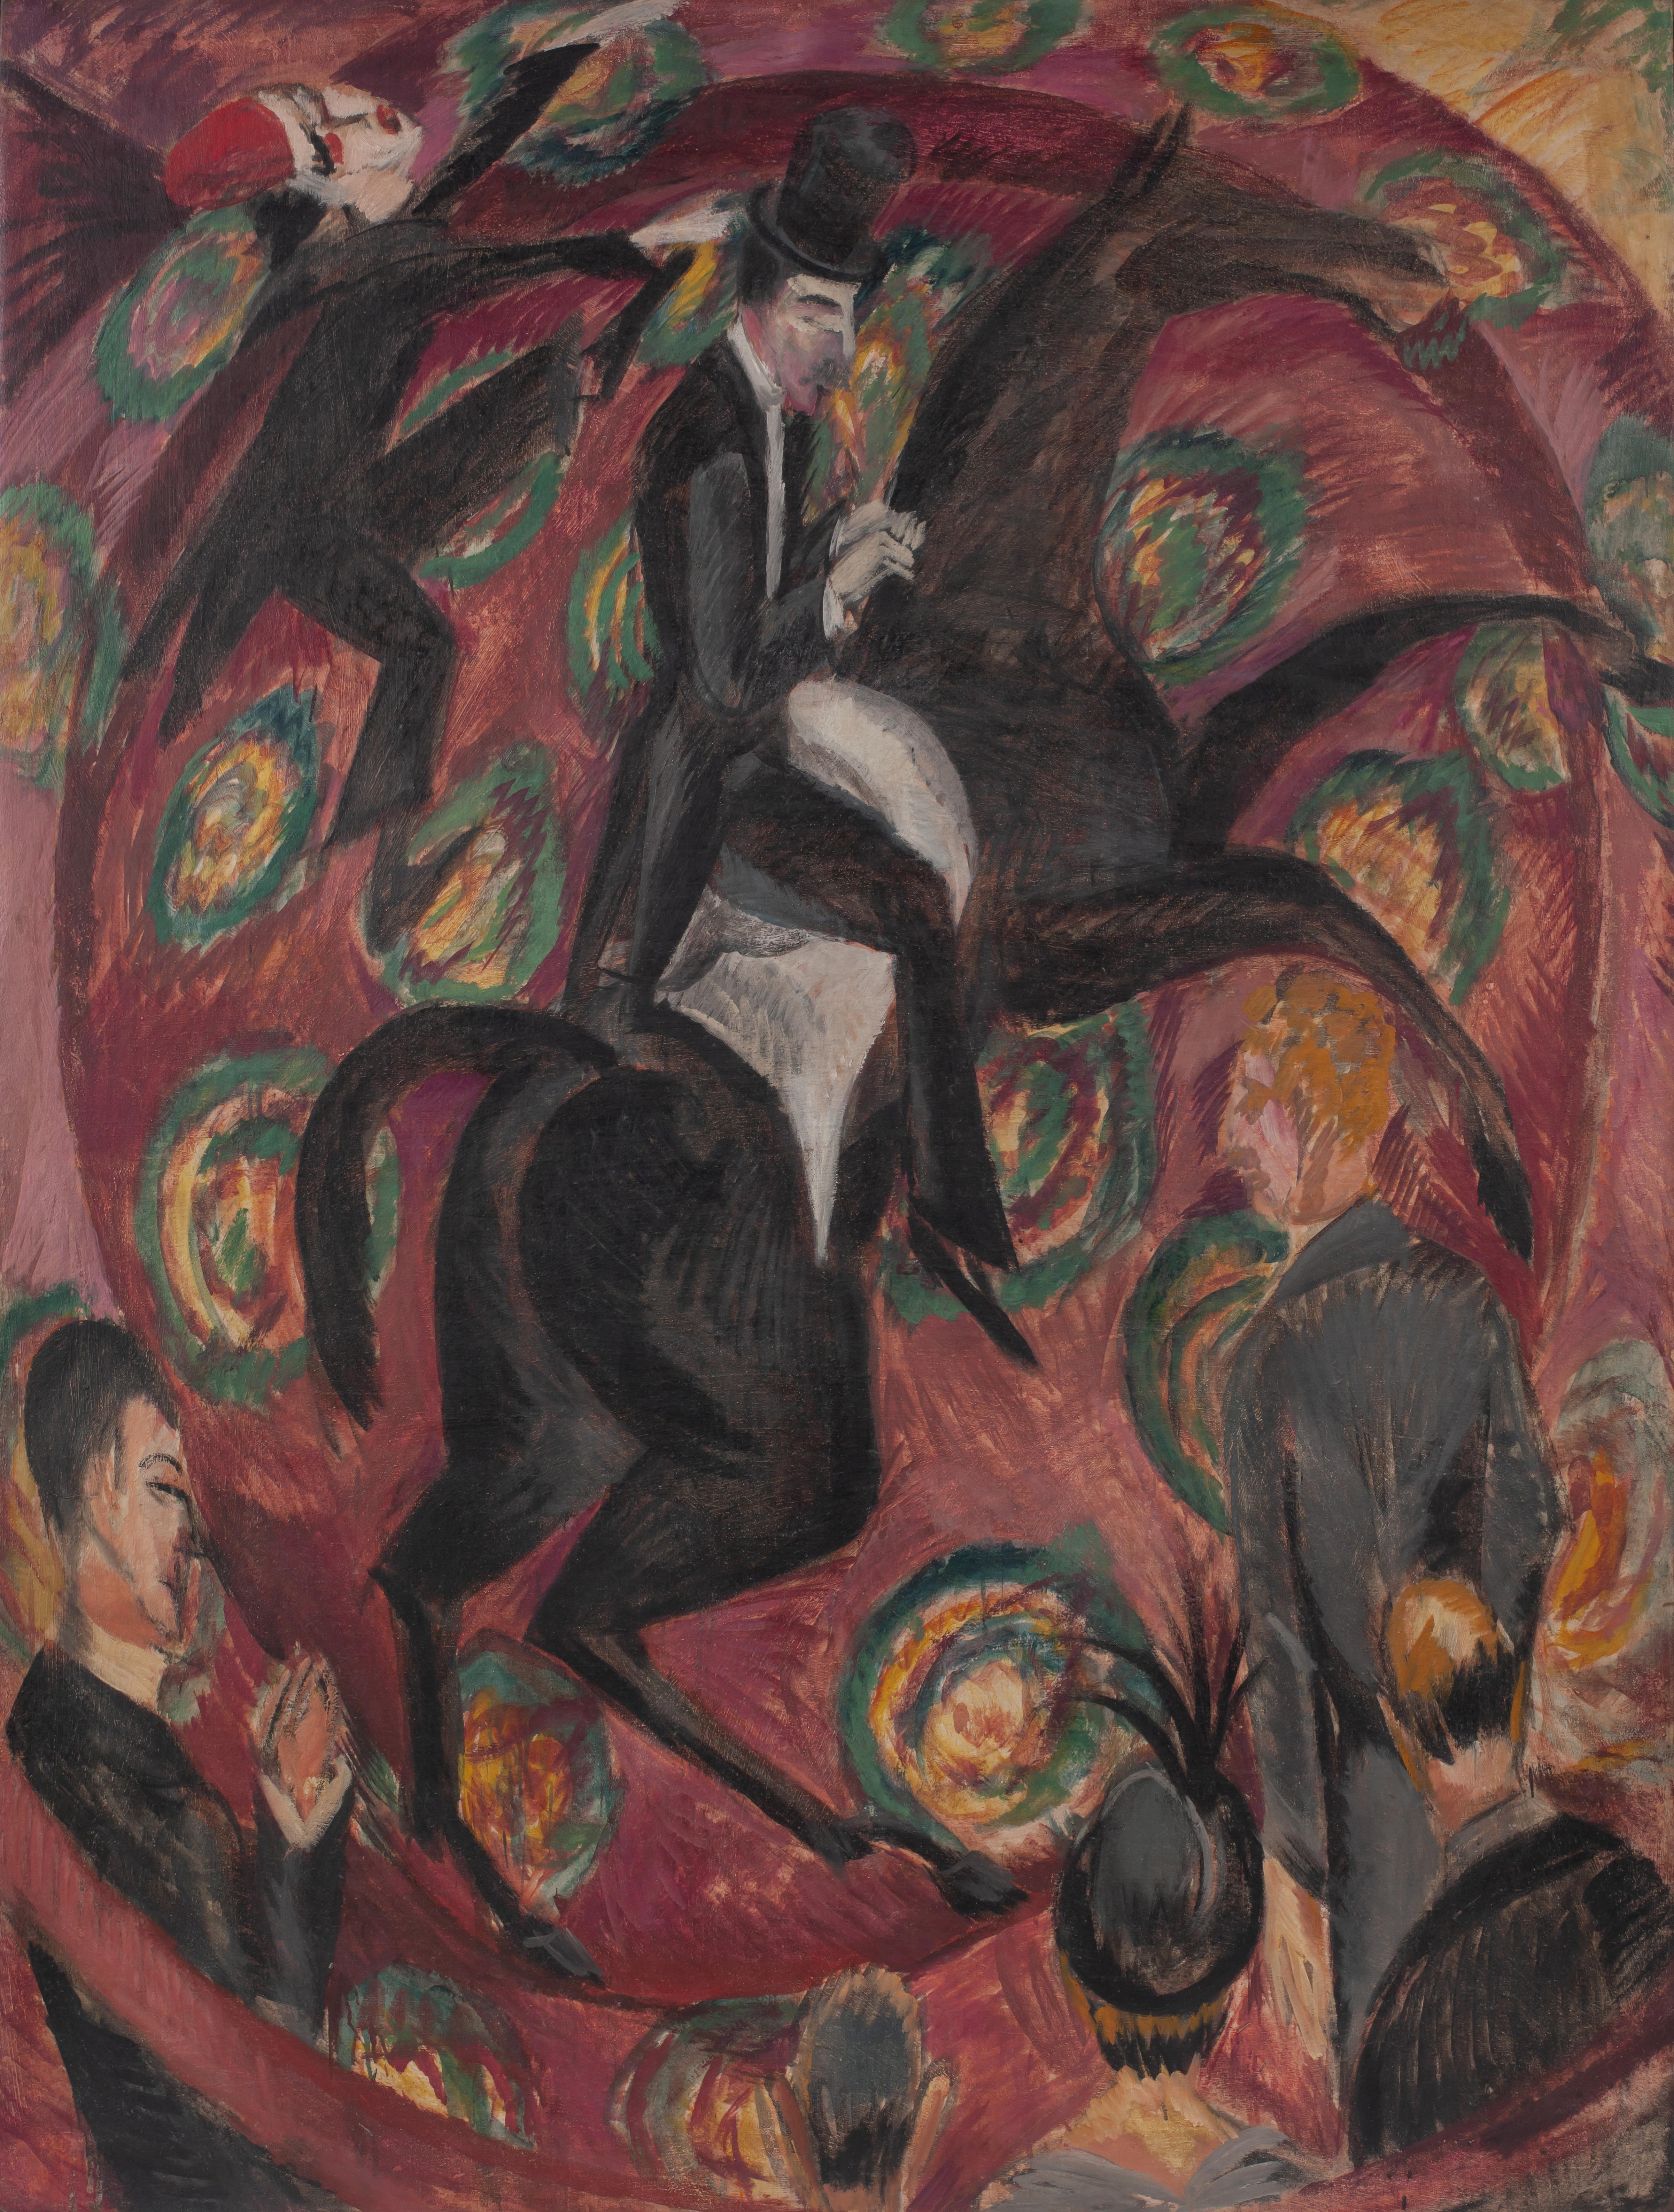 File:Ernst Ludwig Kirchner - Circus Rider.jpg